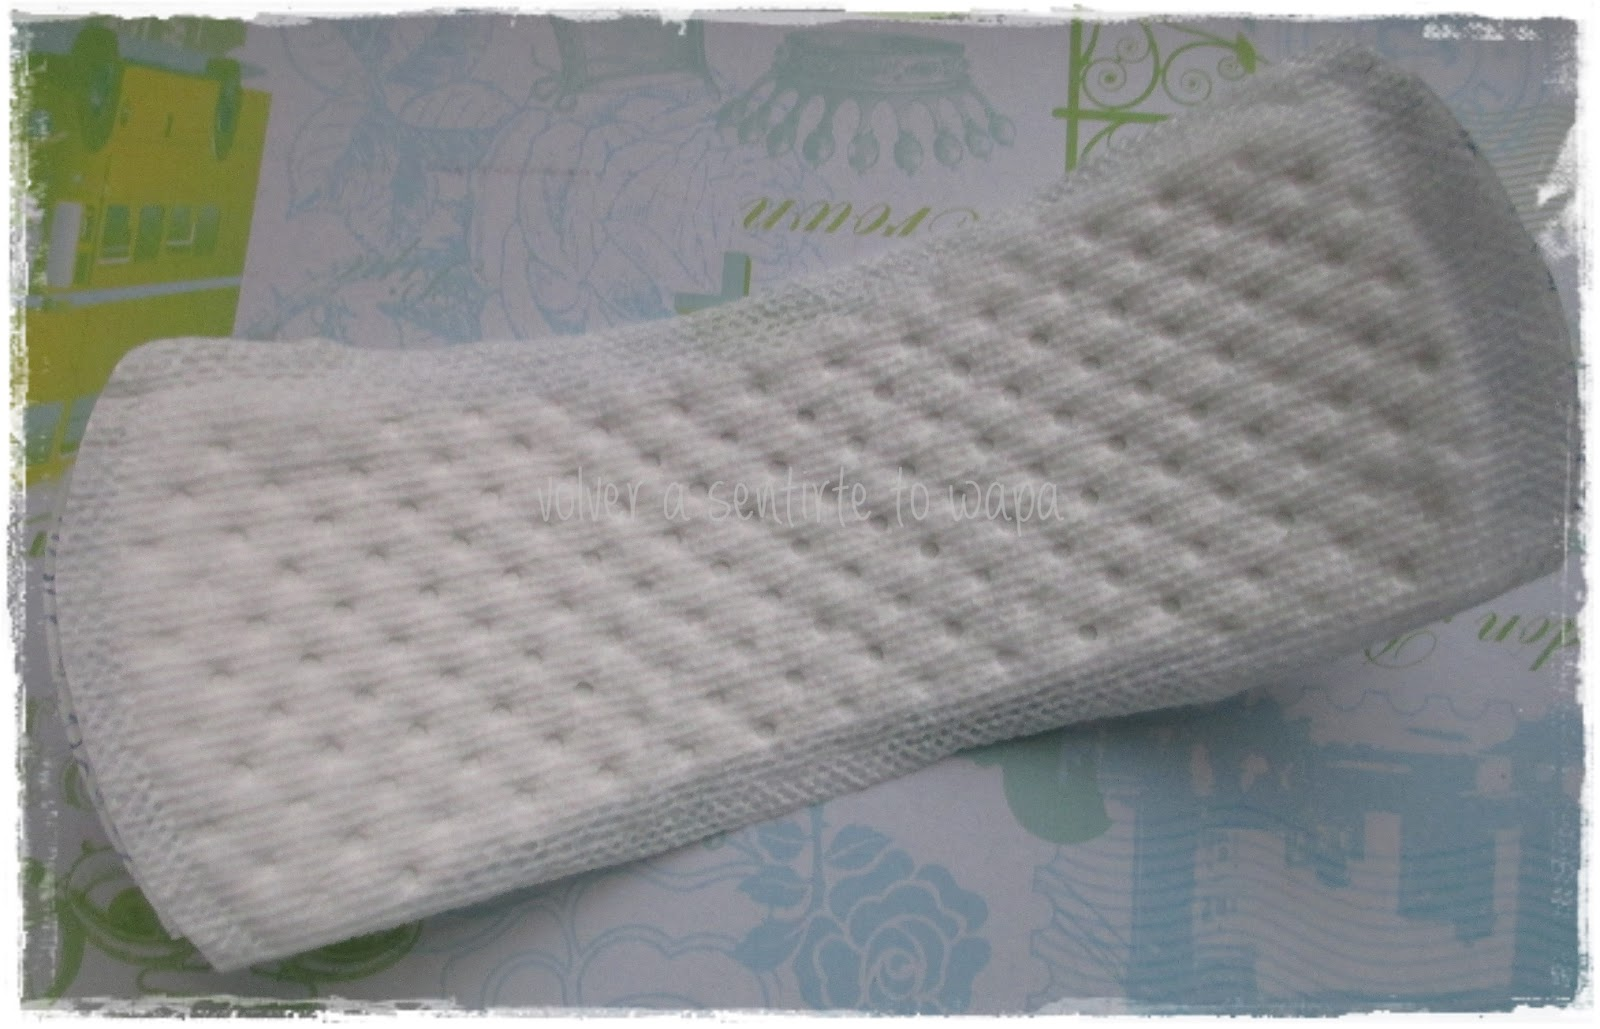 CUIDADO ÍNTIMO: salvaslip de algodón ¿sí o no? - NATRACARE